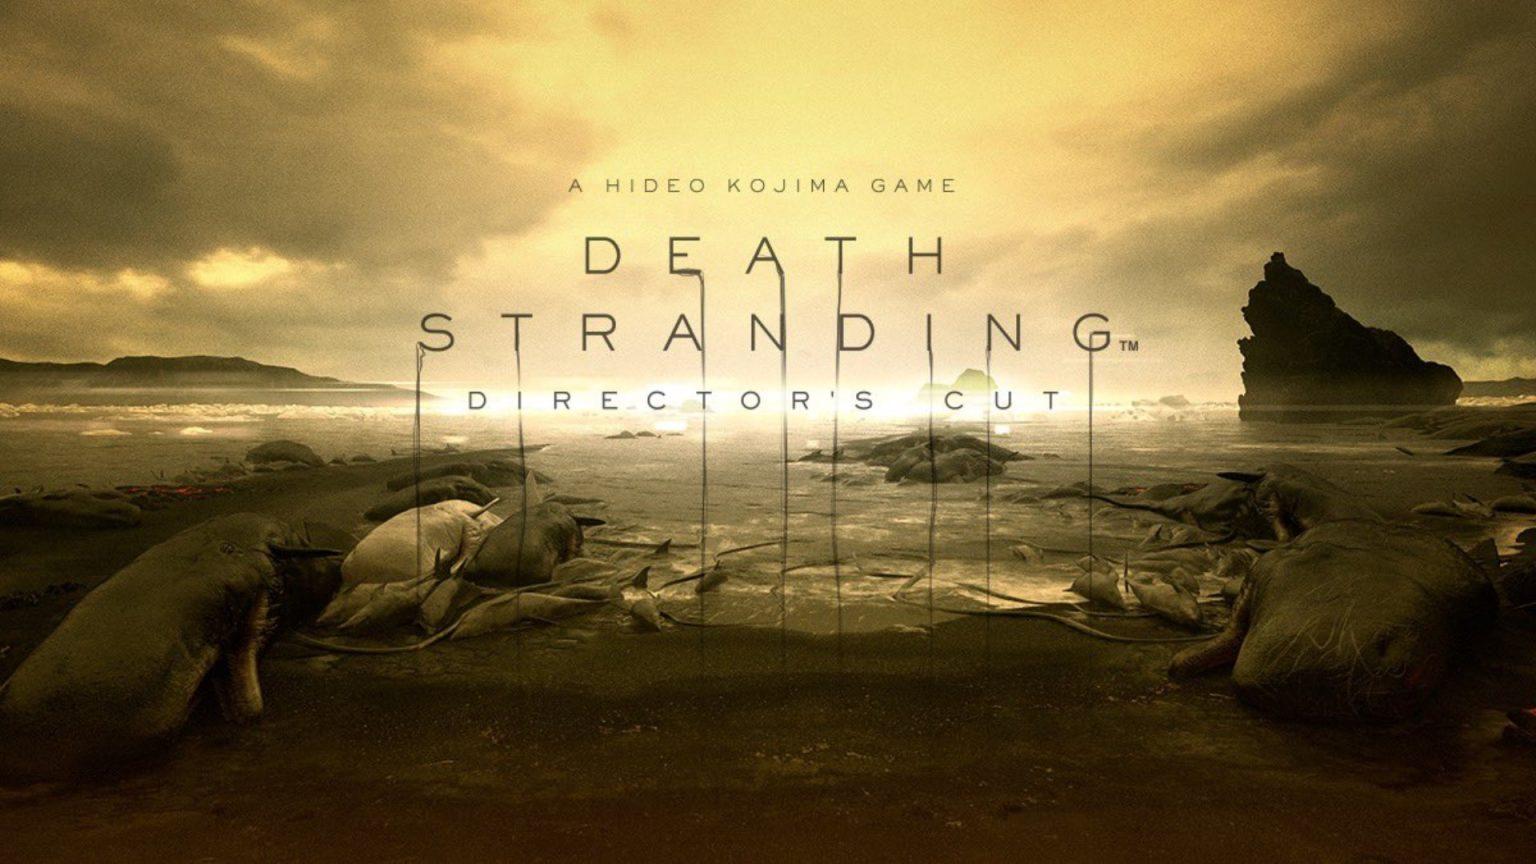 بازی جهان باز - Death Stranding Director's Cut